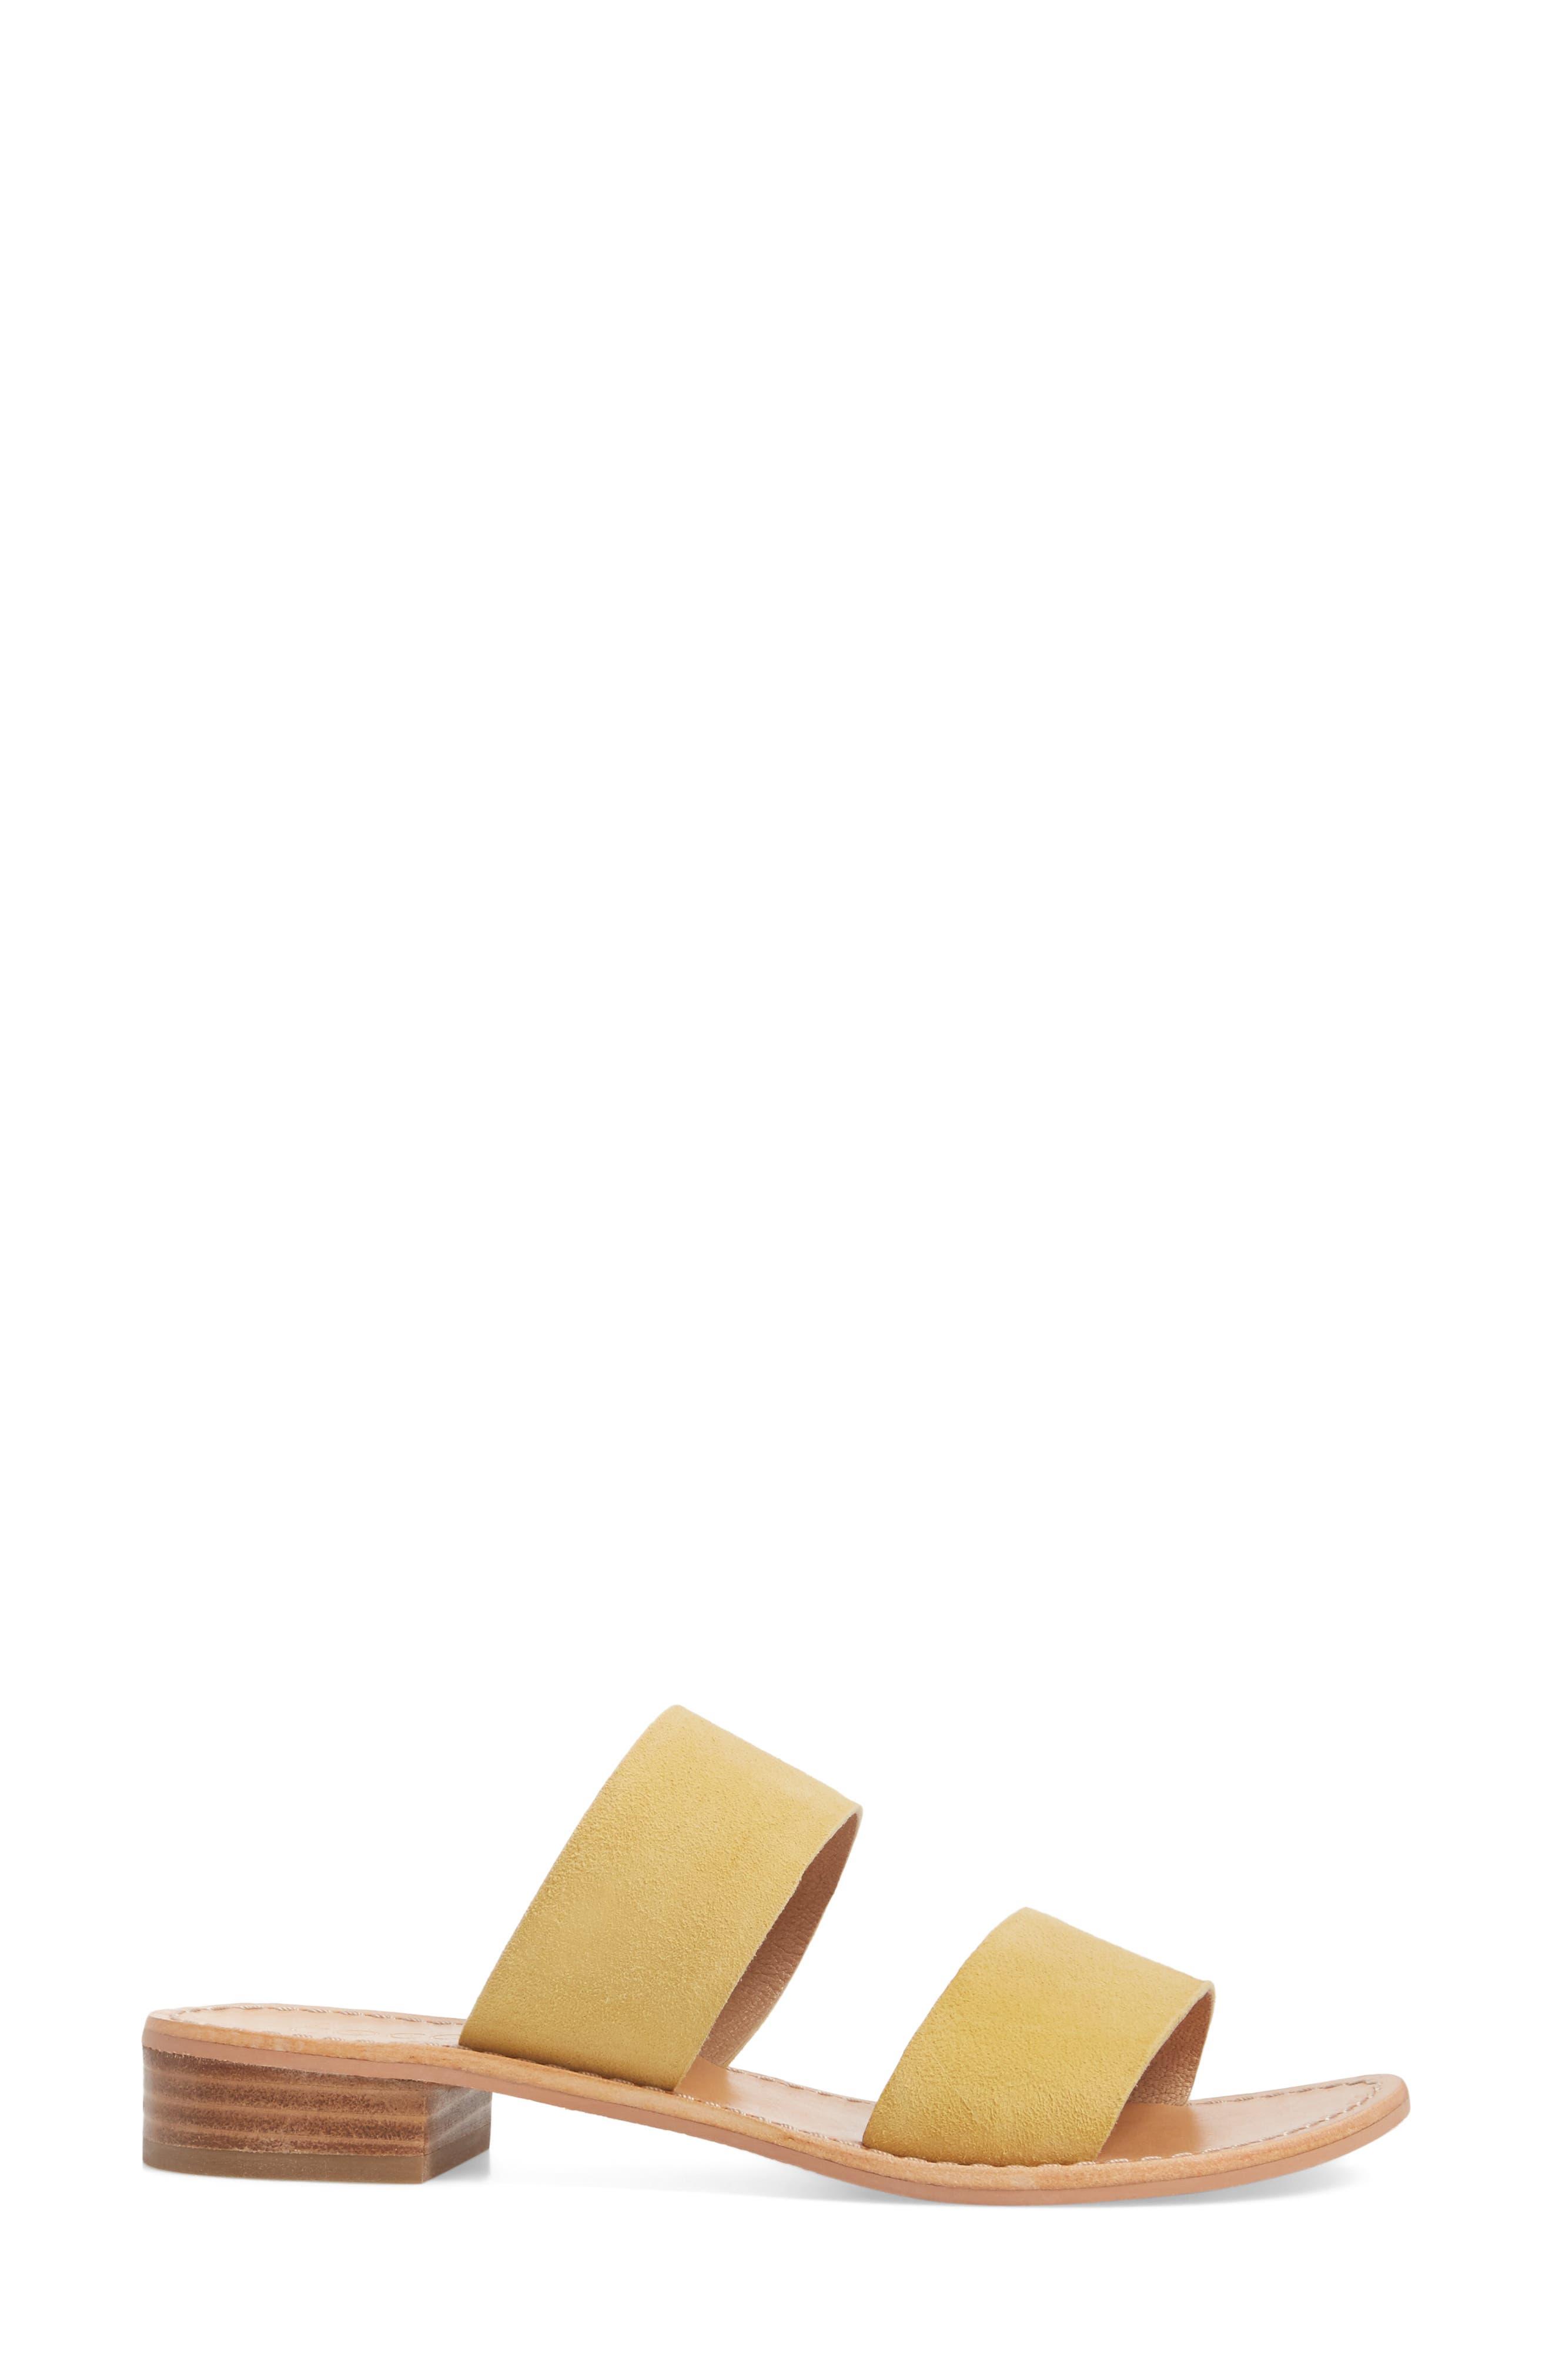 Limelight Slide Sandal,                             Alternate thumbnail 12, color,